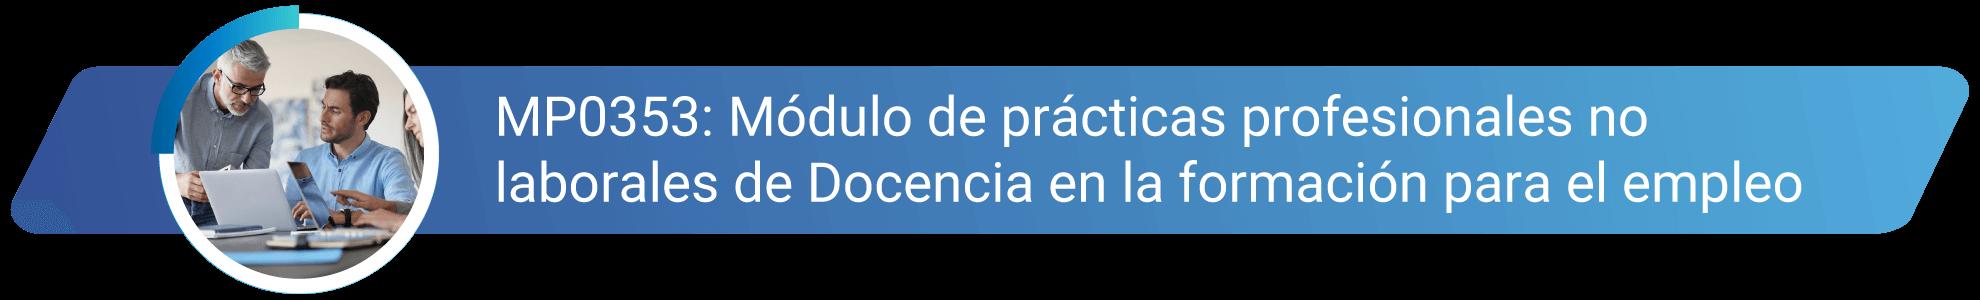 Módulo de prácticas profesionales no laborales